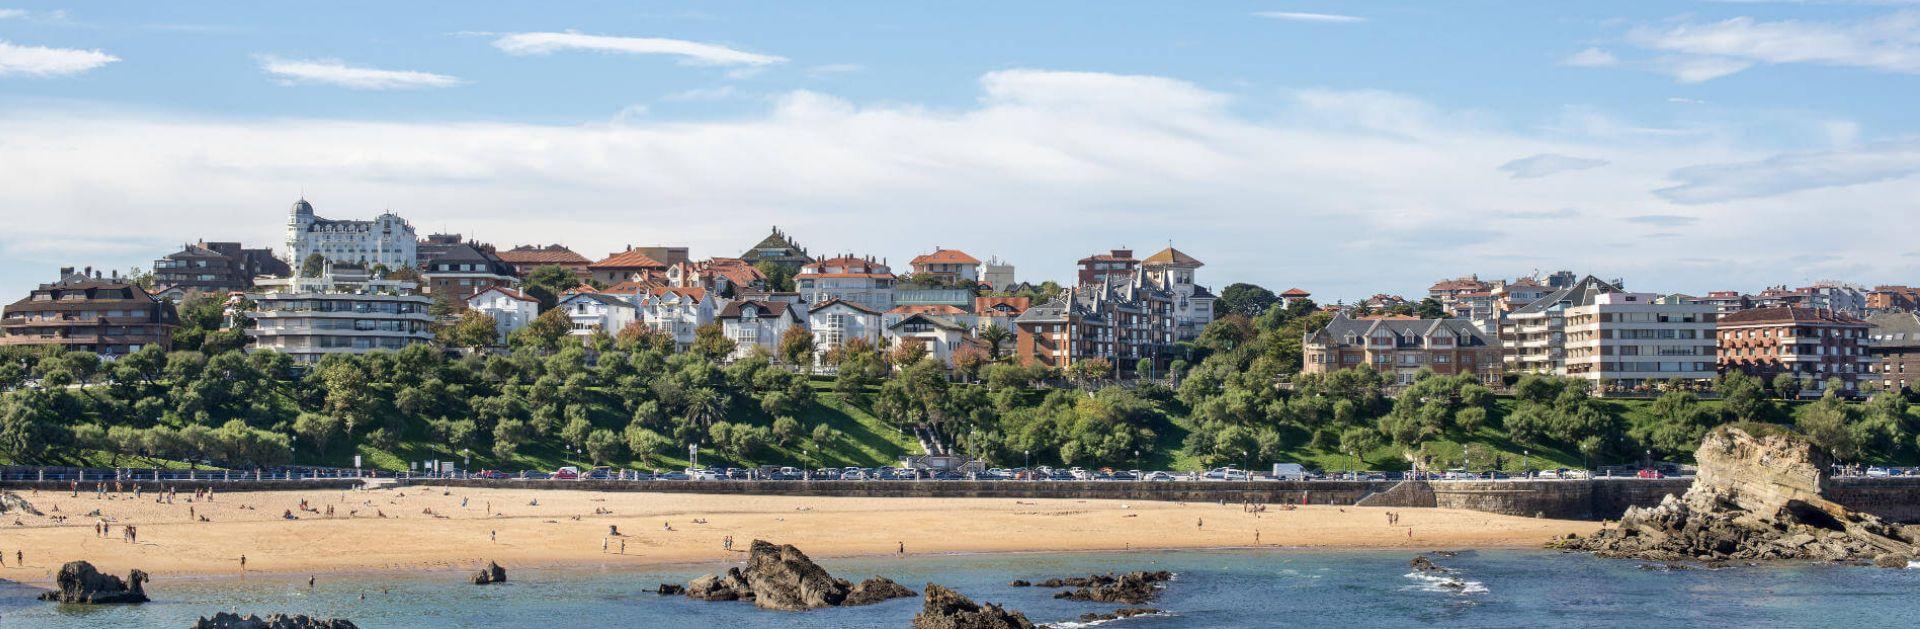 Inmobiliaria española junto al mar alicante